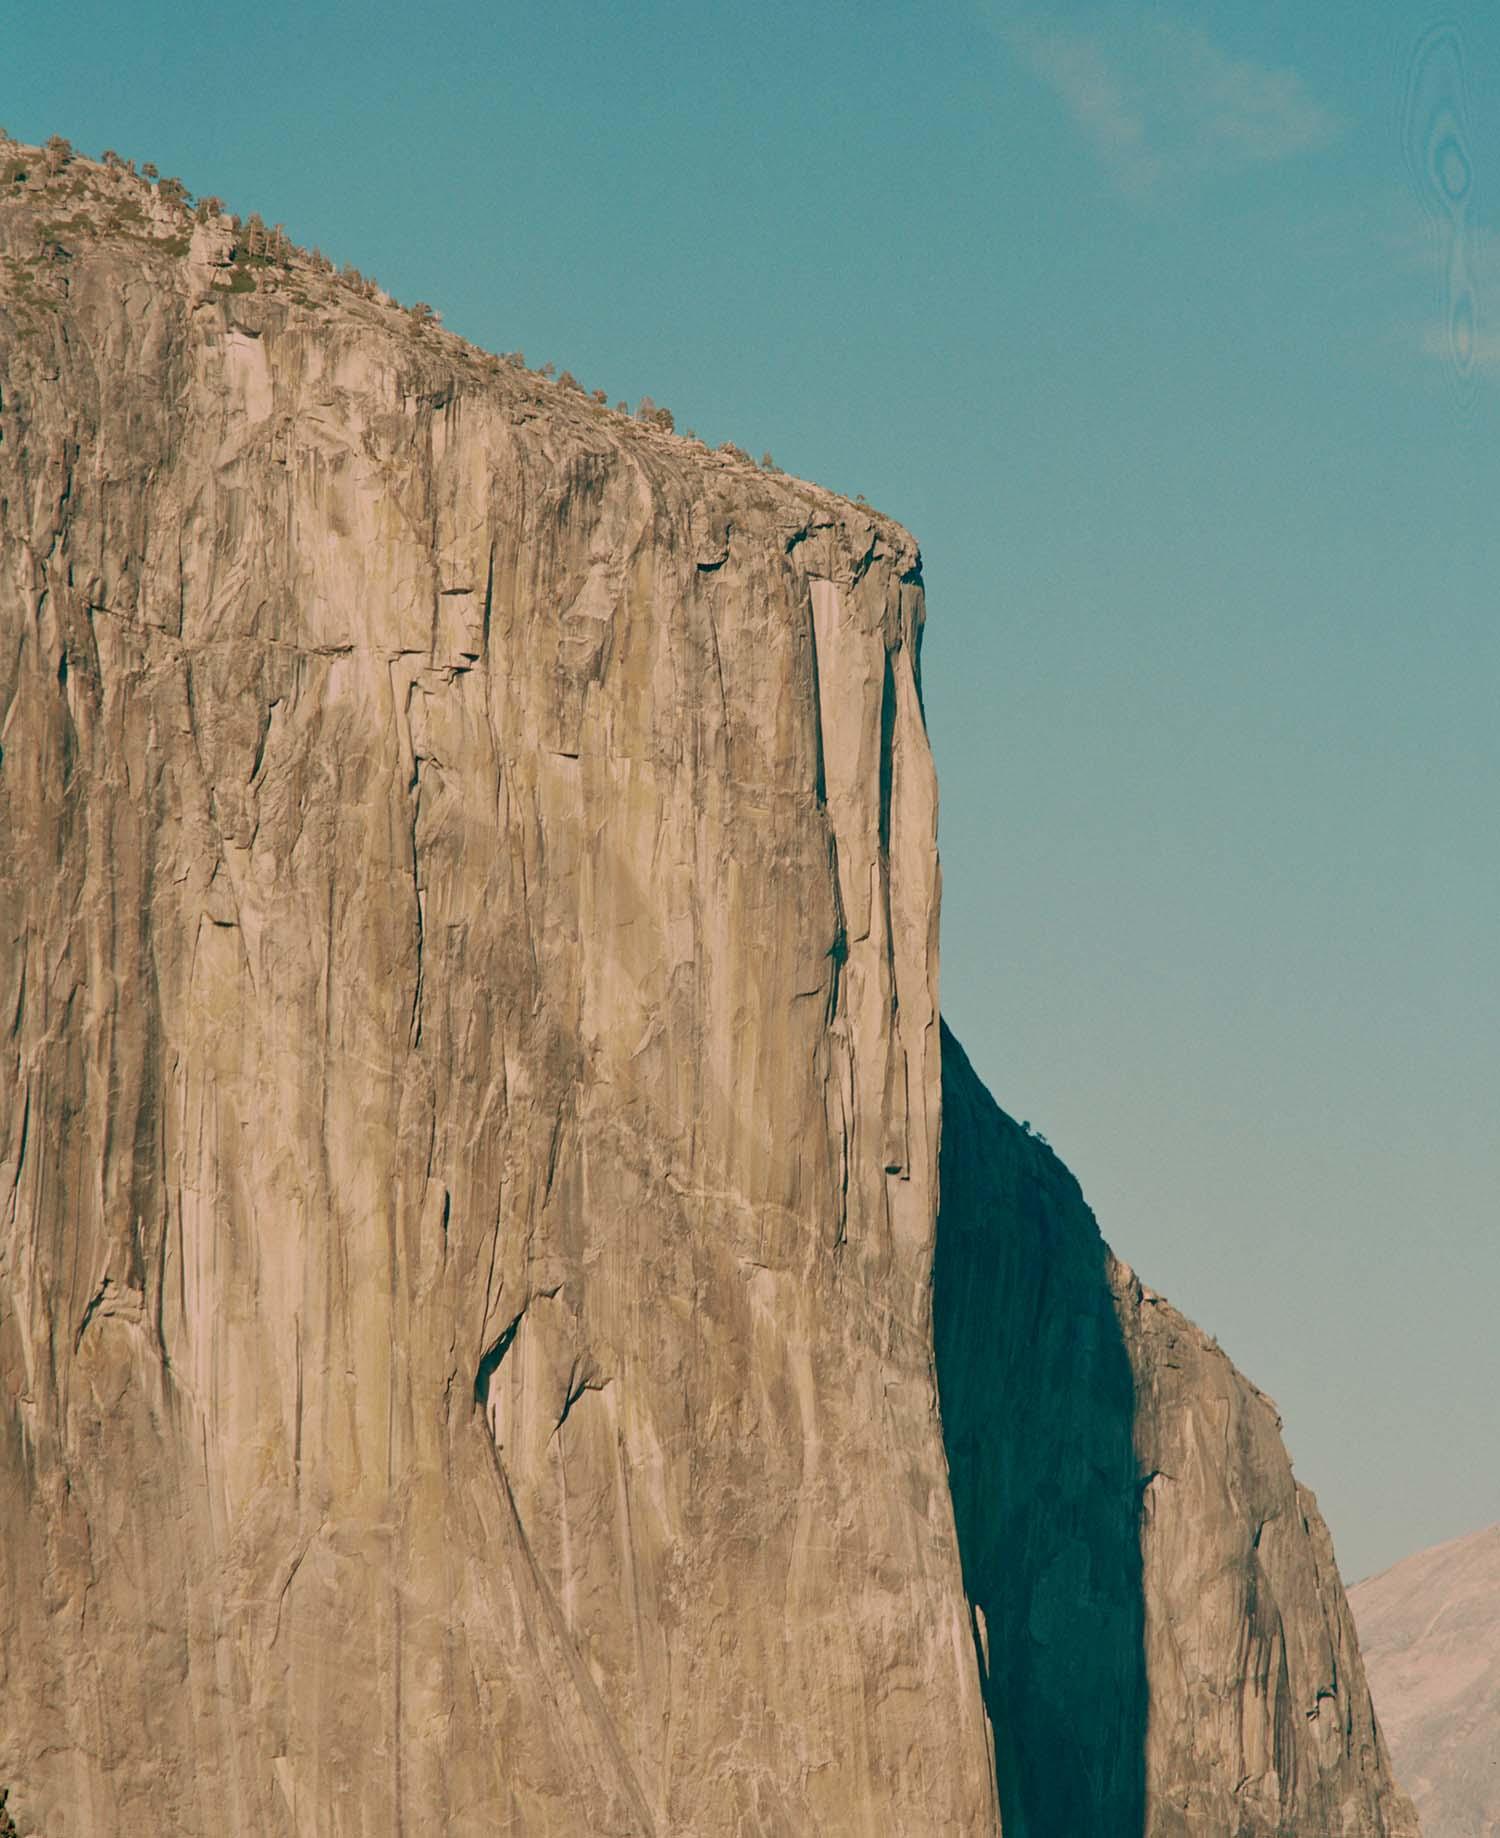 The Face of El Capitan